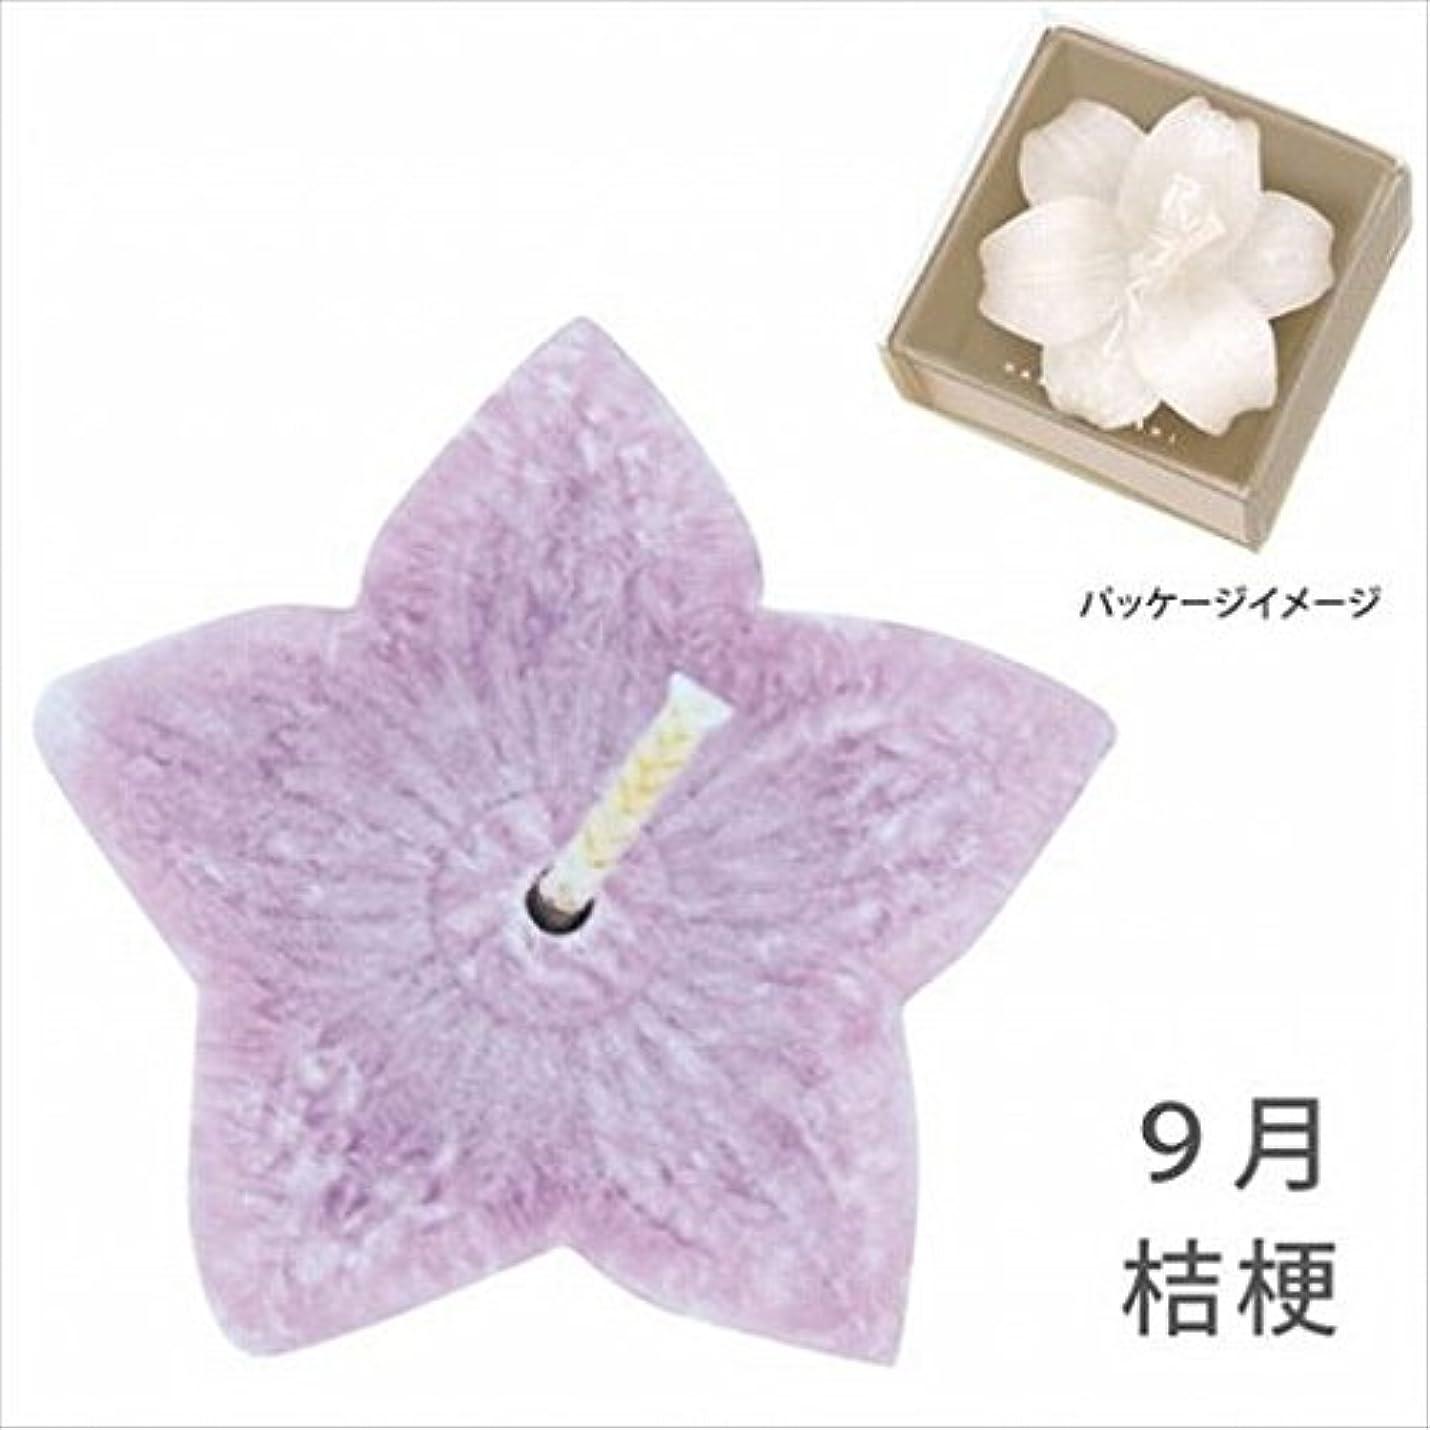 しなやかな是正降臨kameyama candle(カメヤマキャンドル) 花づくし(植物性) 桔梗 「 桔梗(9月) 」 キャンドル(A4620510)